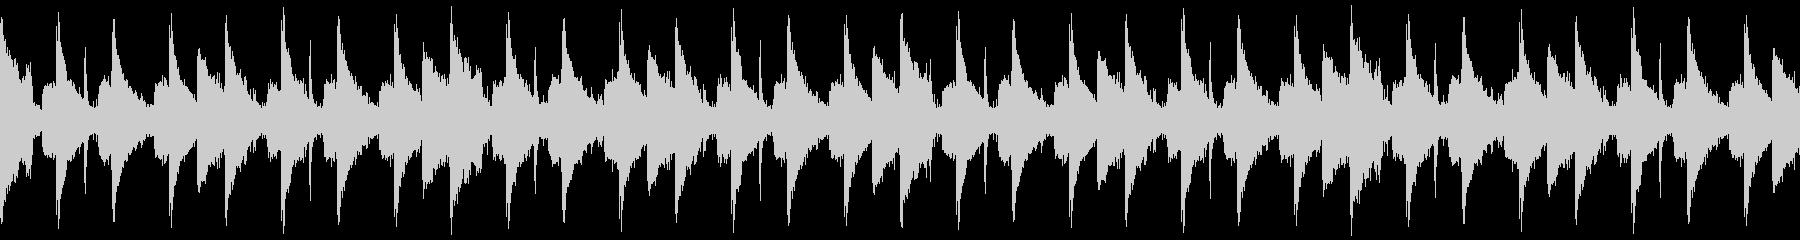 エレクトロサウンドにロボットボイスの未再生の波形